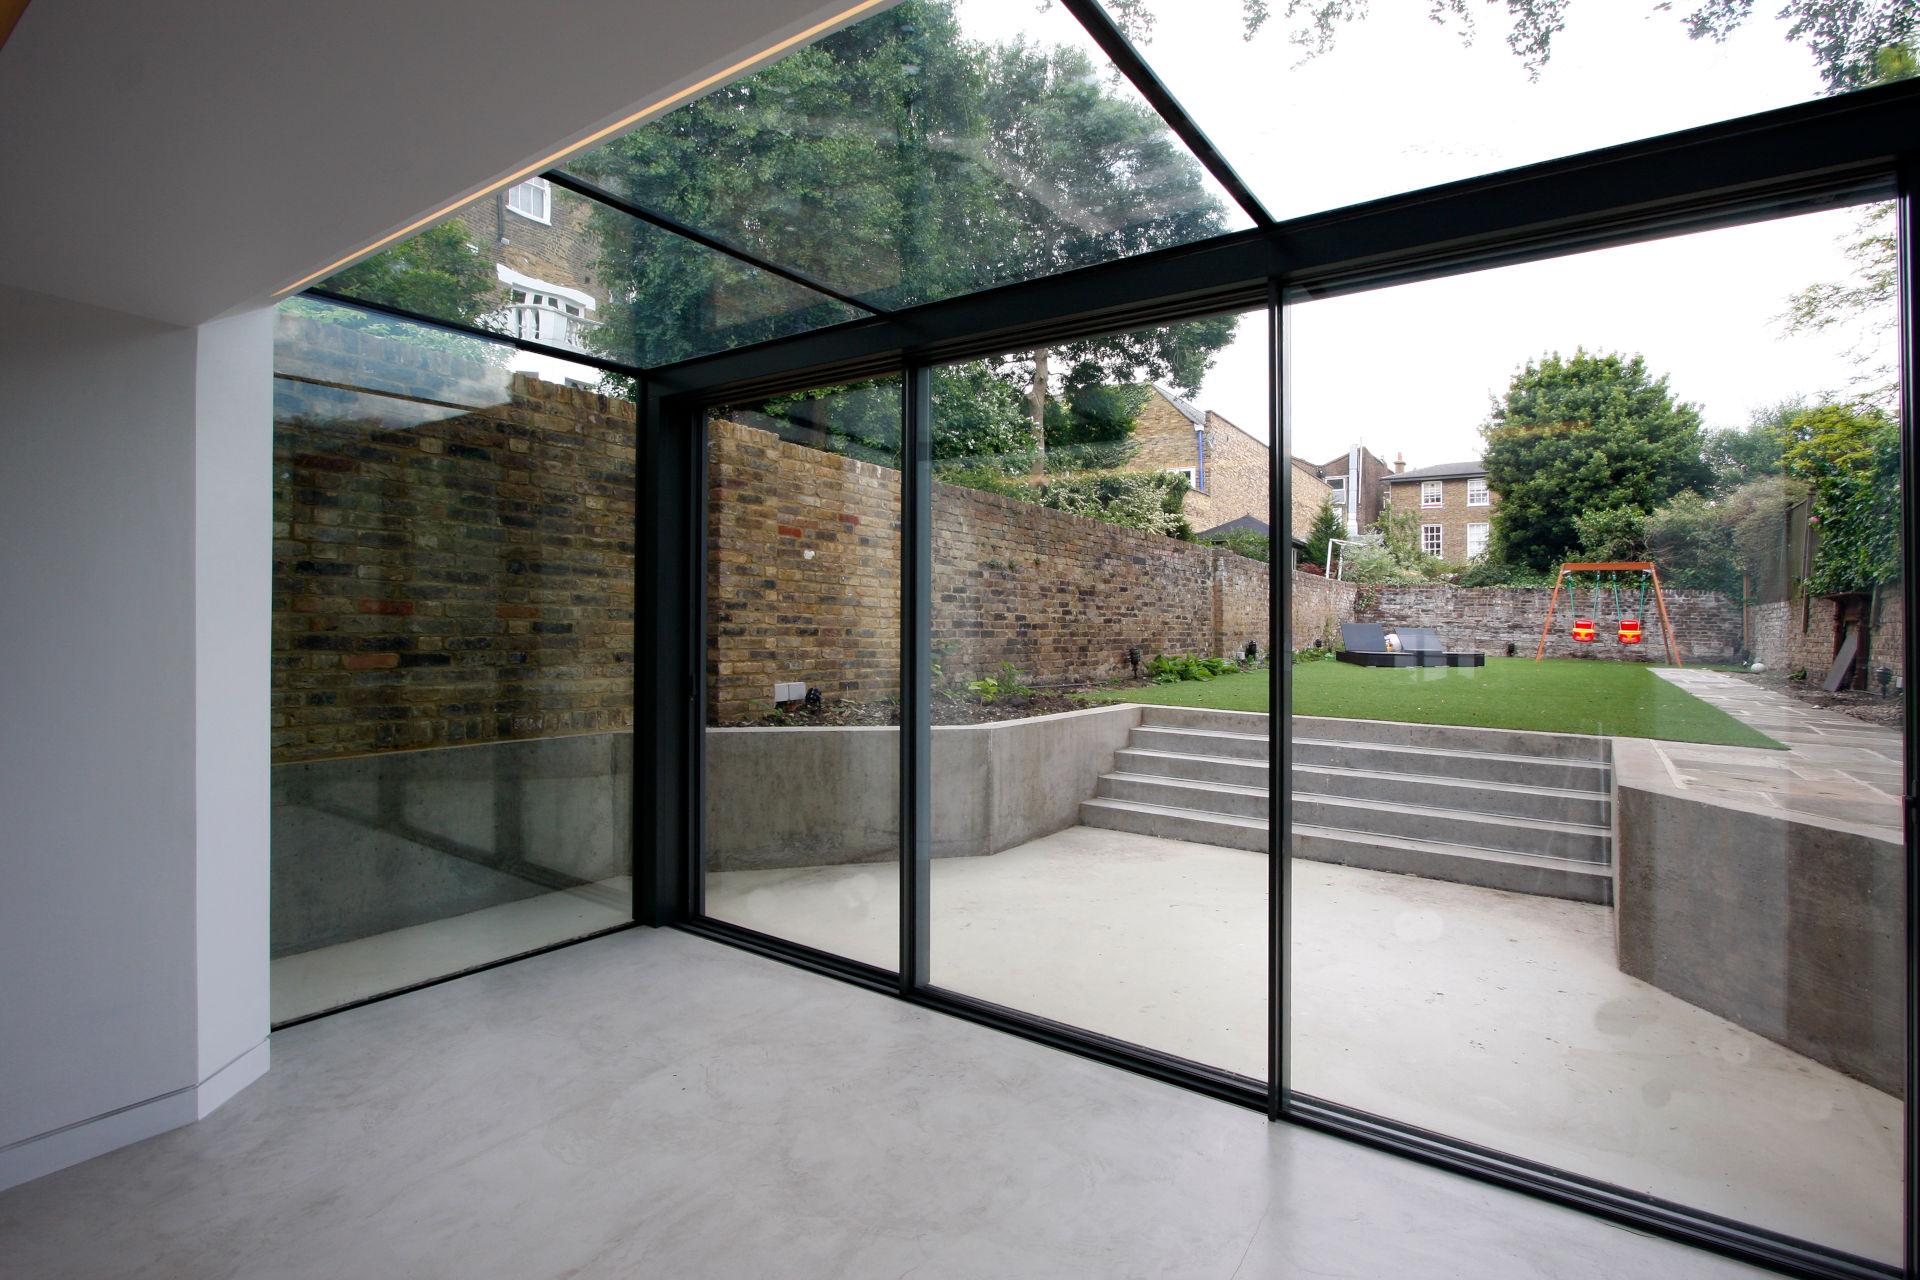 iq-glass-vitrendo-glass-extension-eton-villas (36)